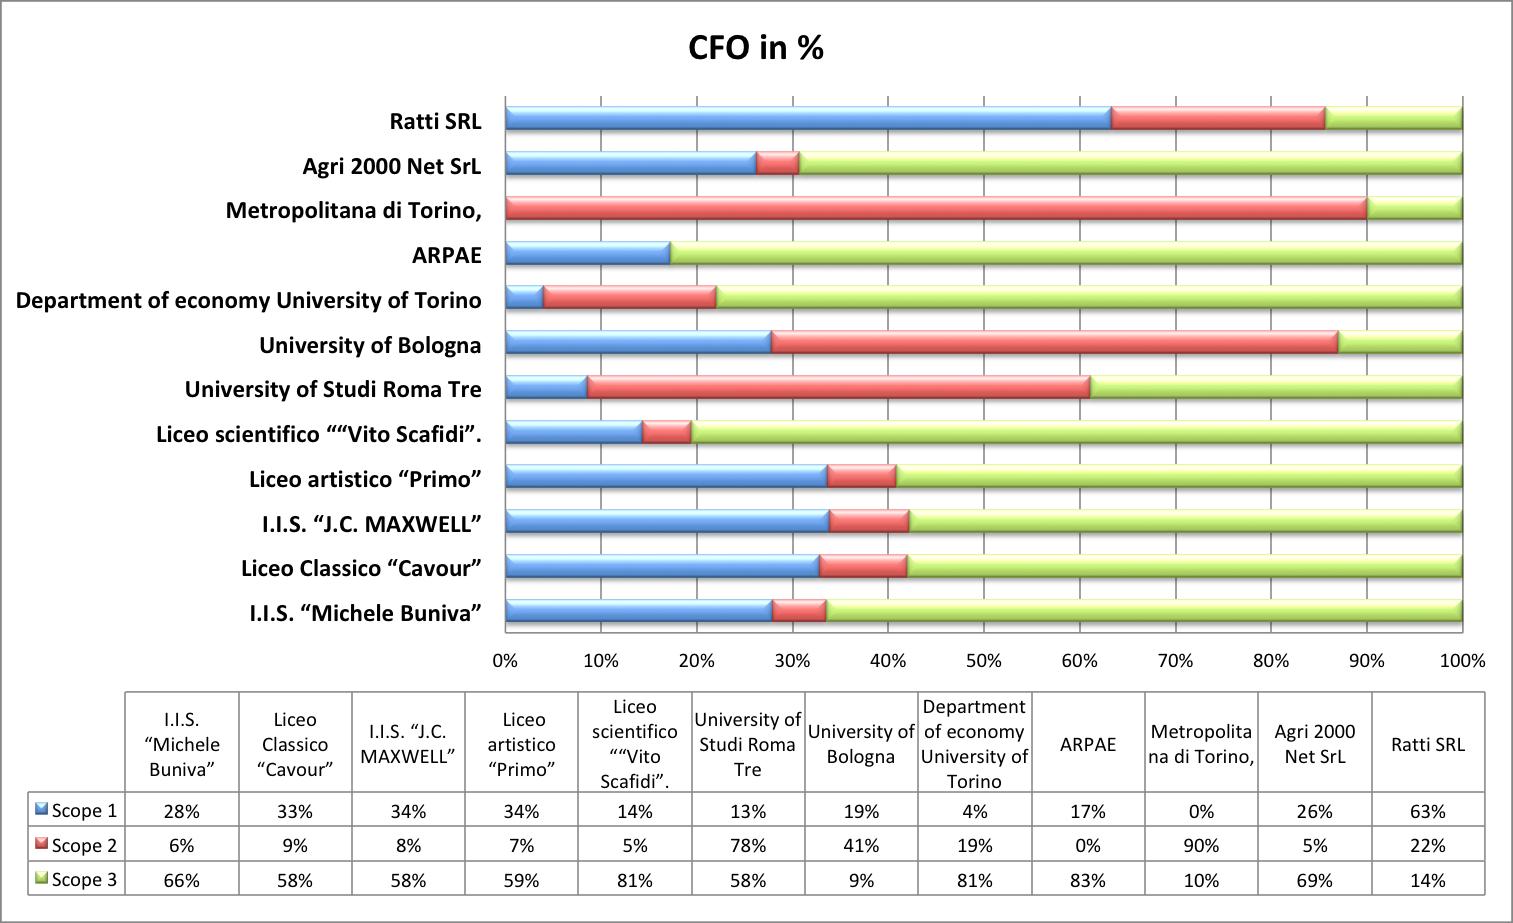 CFO in %